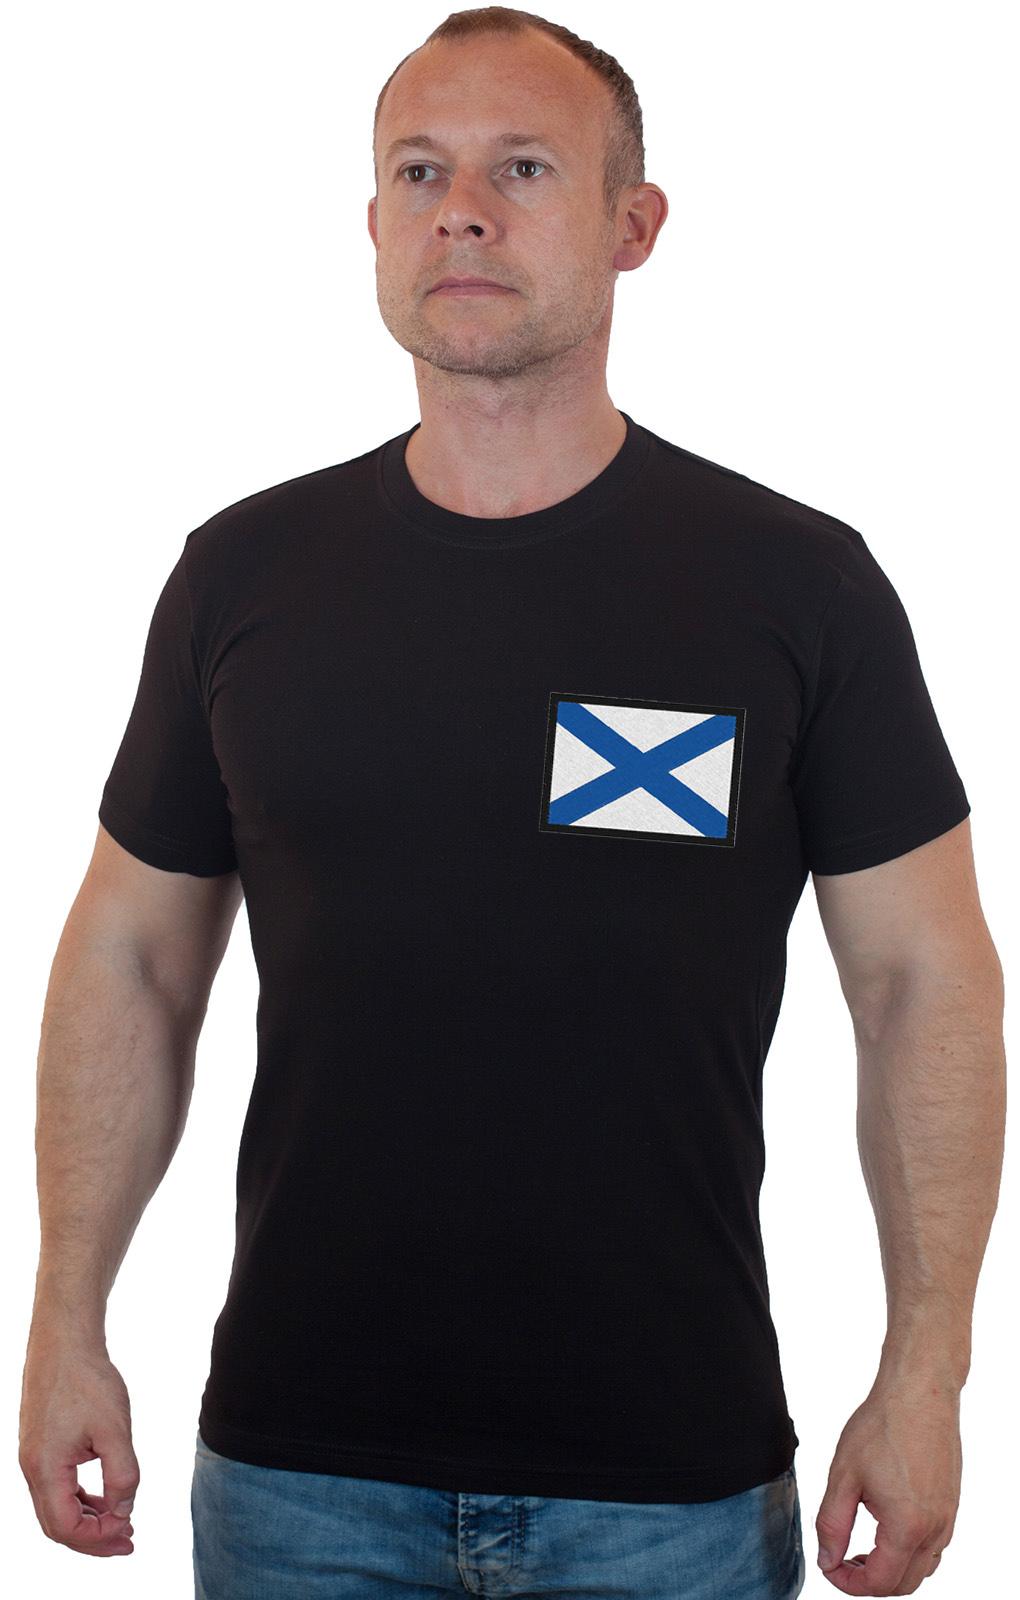 Купить в военторге футболку с Андреевским флагом